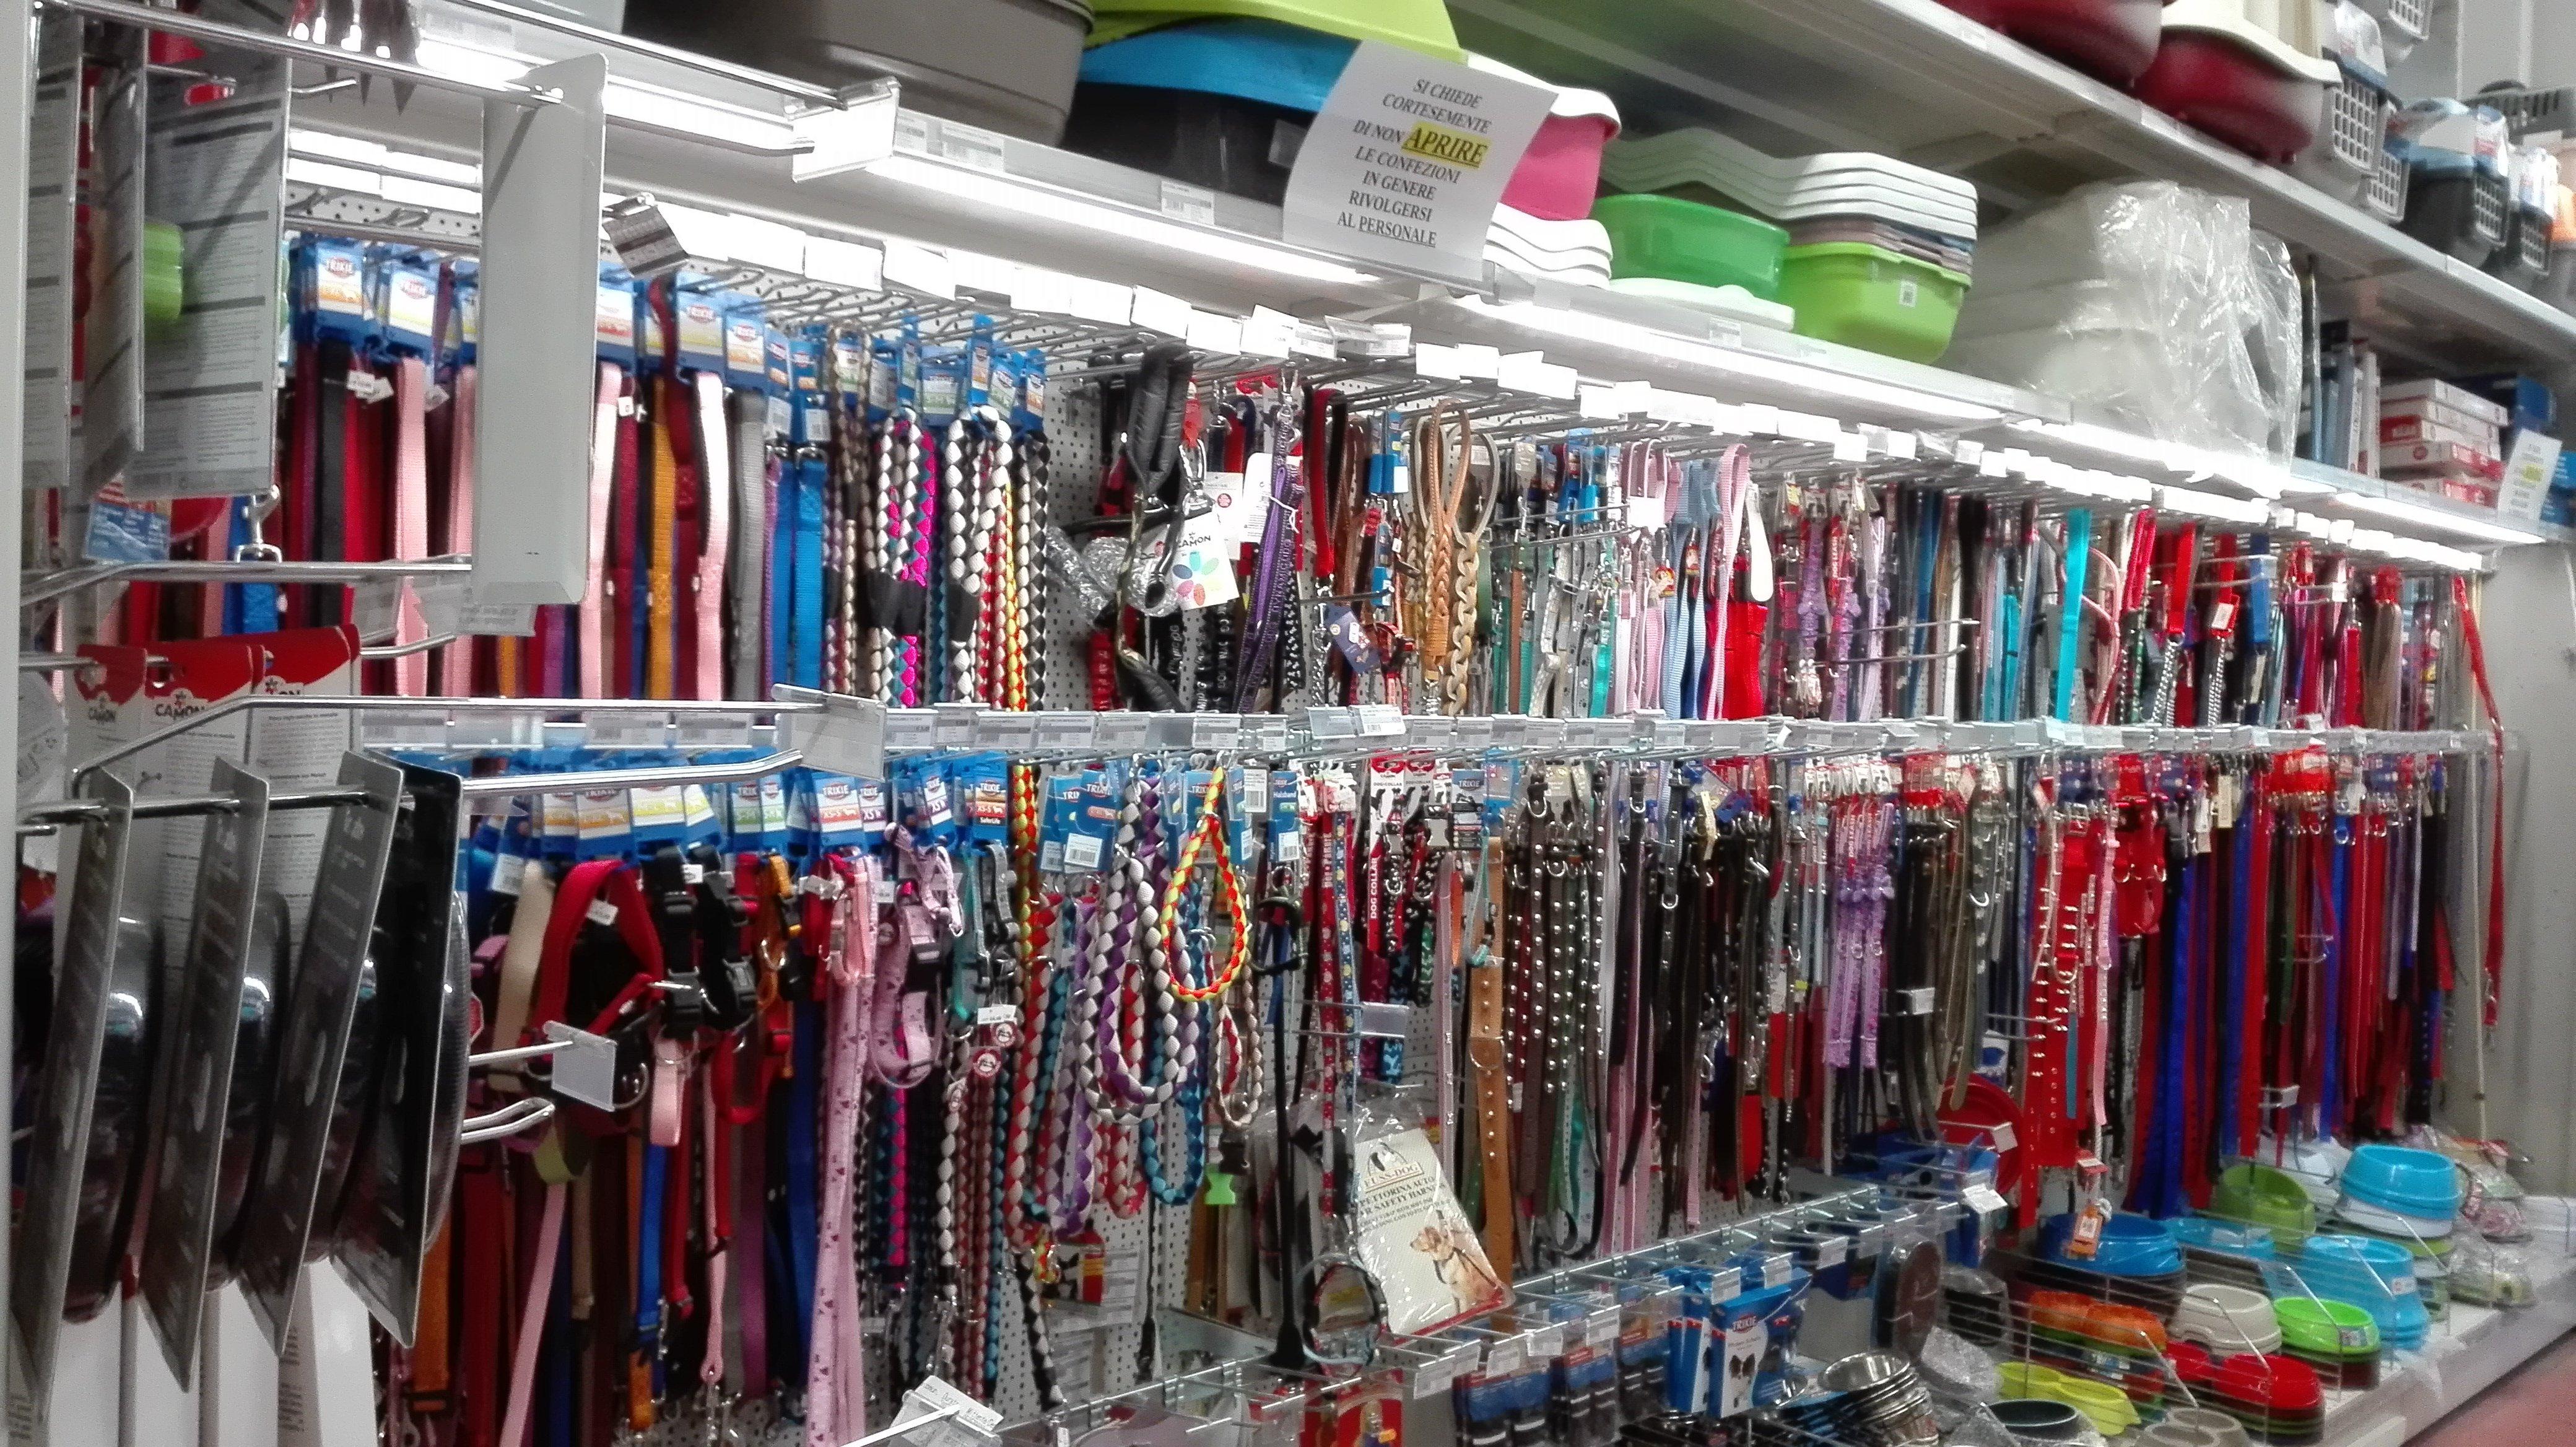 accessori per animali; antiparassitari per animali;